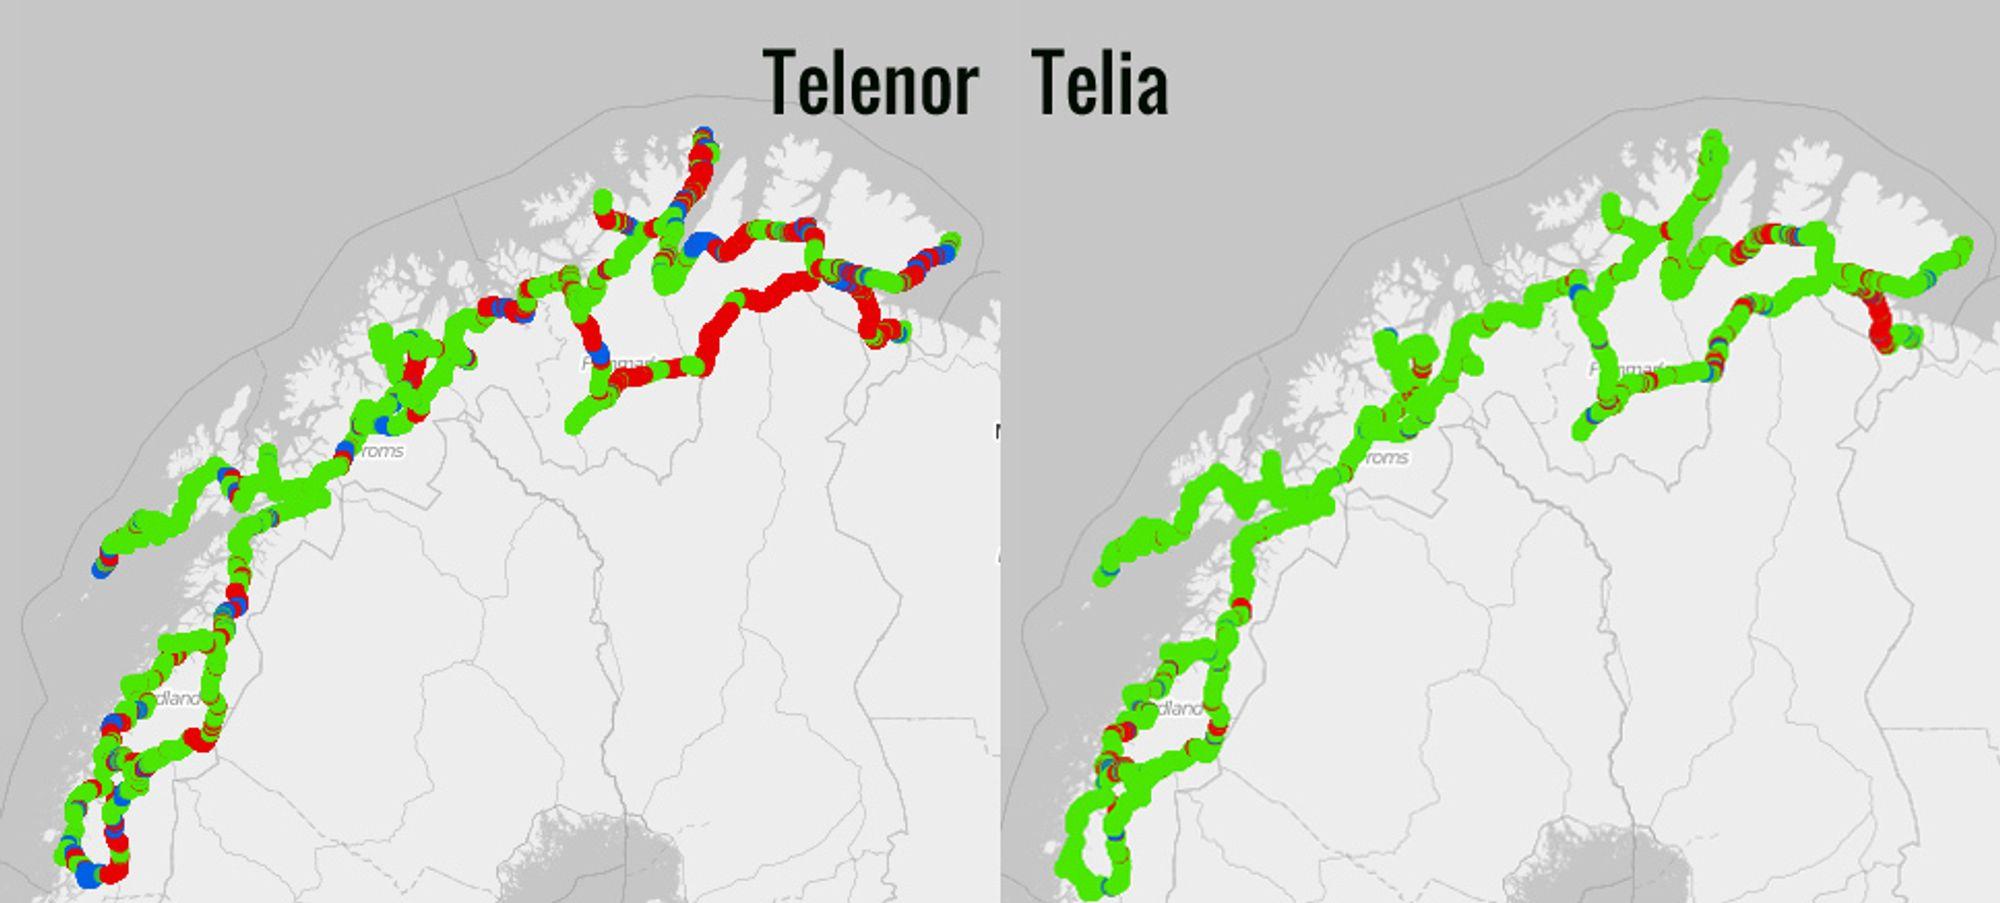 I Nord-Norge er det svært stor forskjell på 4G-dekningen til de to operatørene. Telia har 4G nærmest overalt, mens Telenor fortsatt har store strekninger med 2G. Rødt er 2G, blått 3G og grønt 4G.